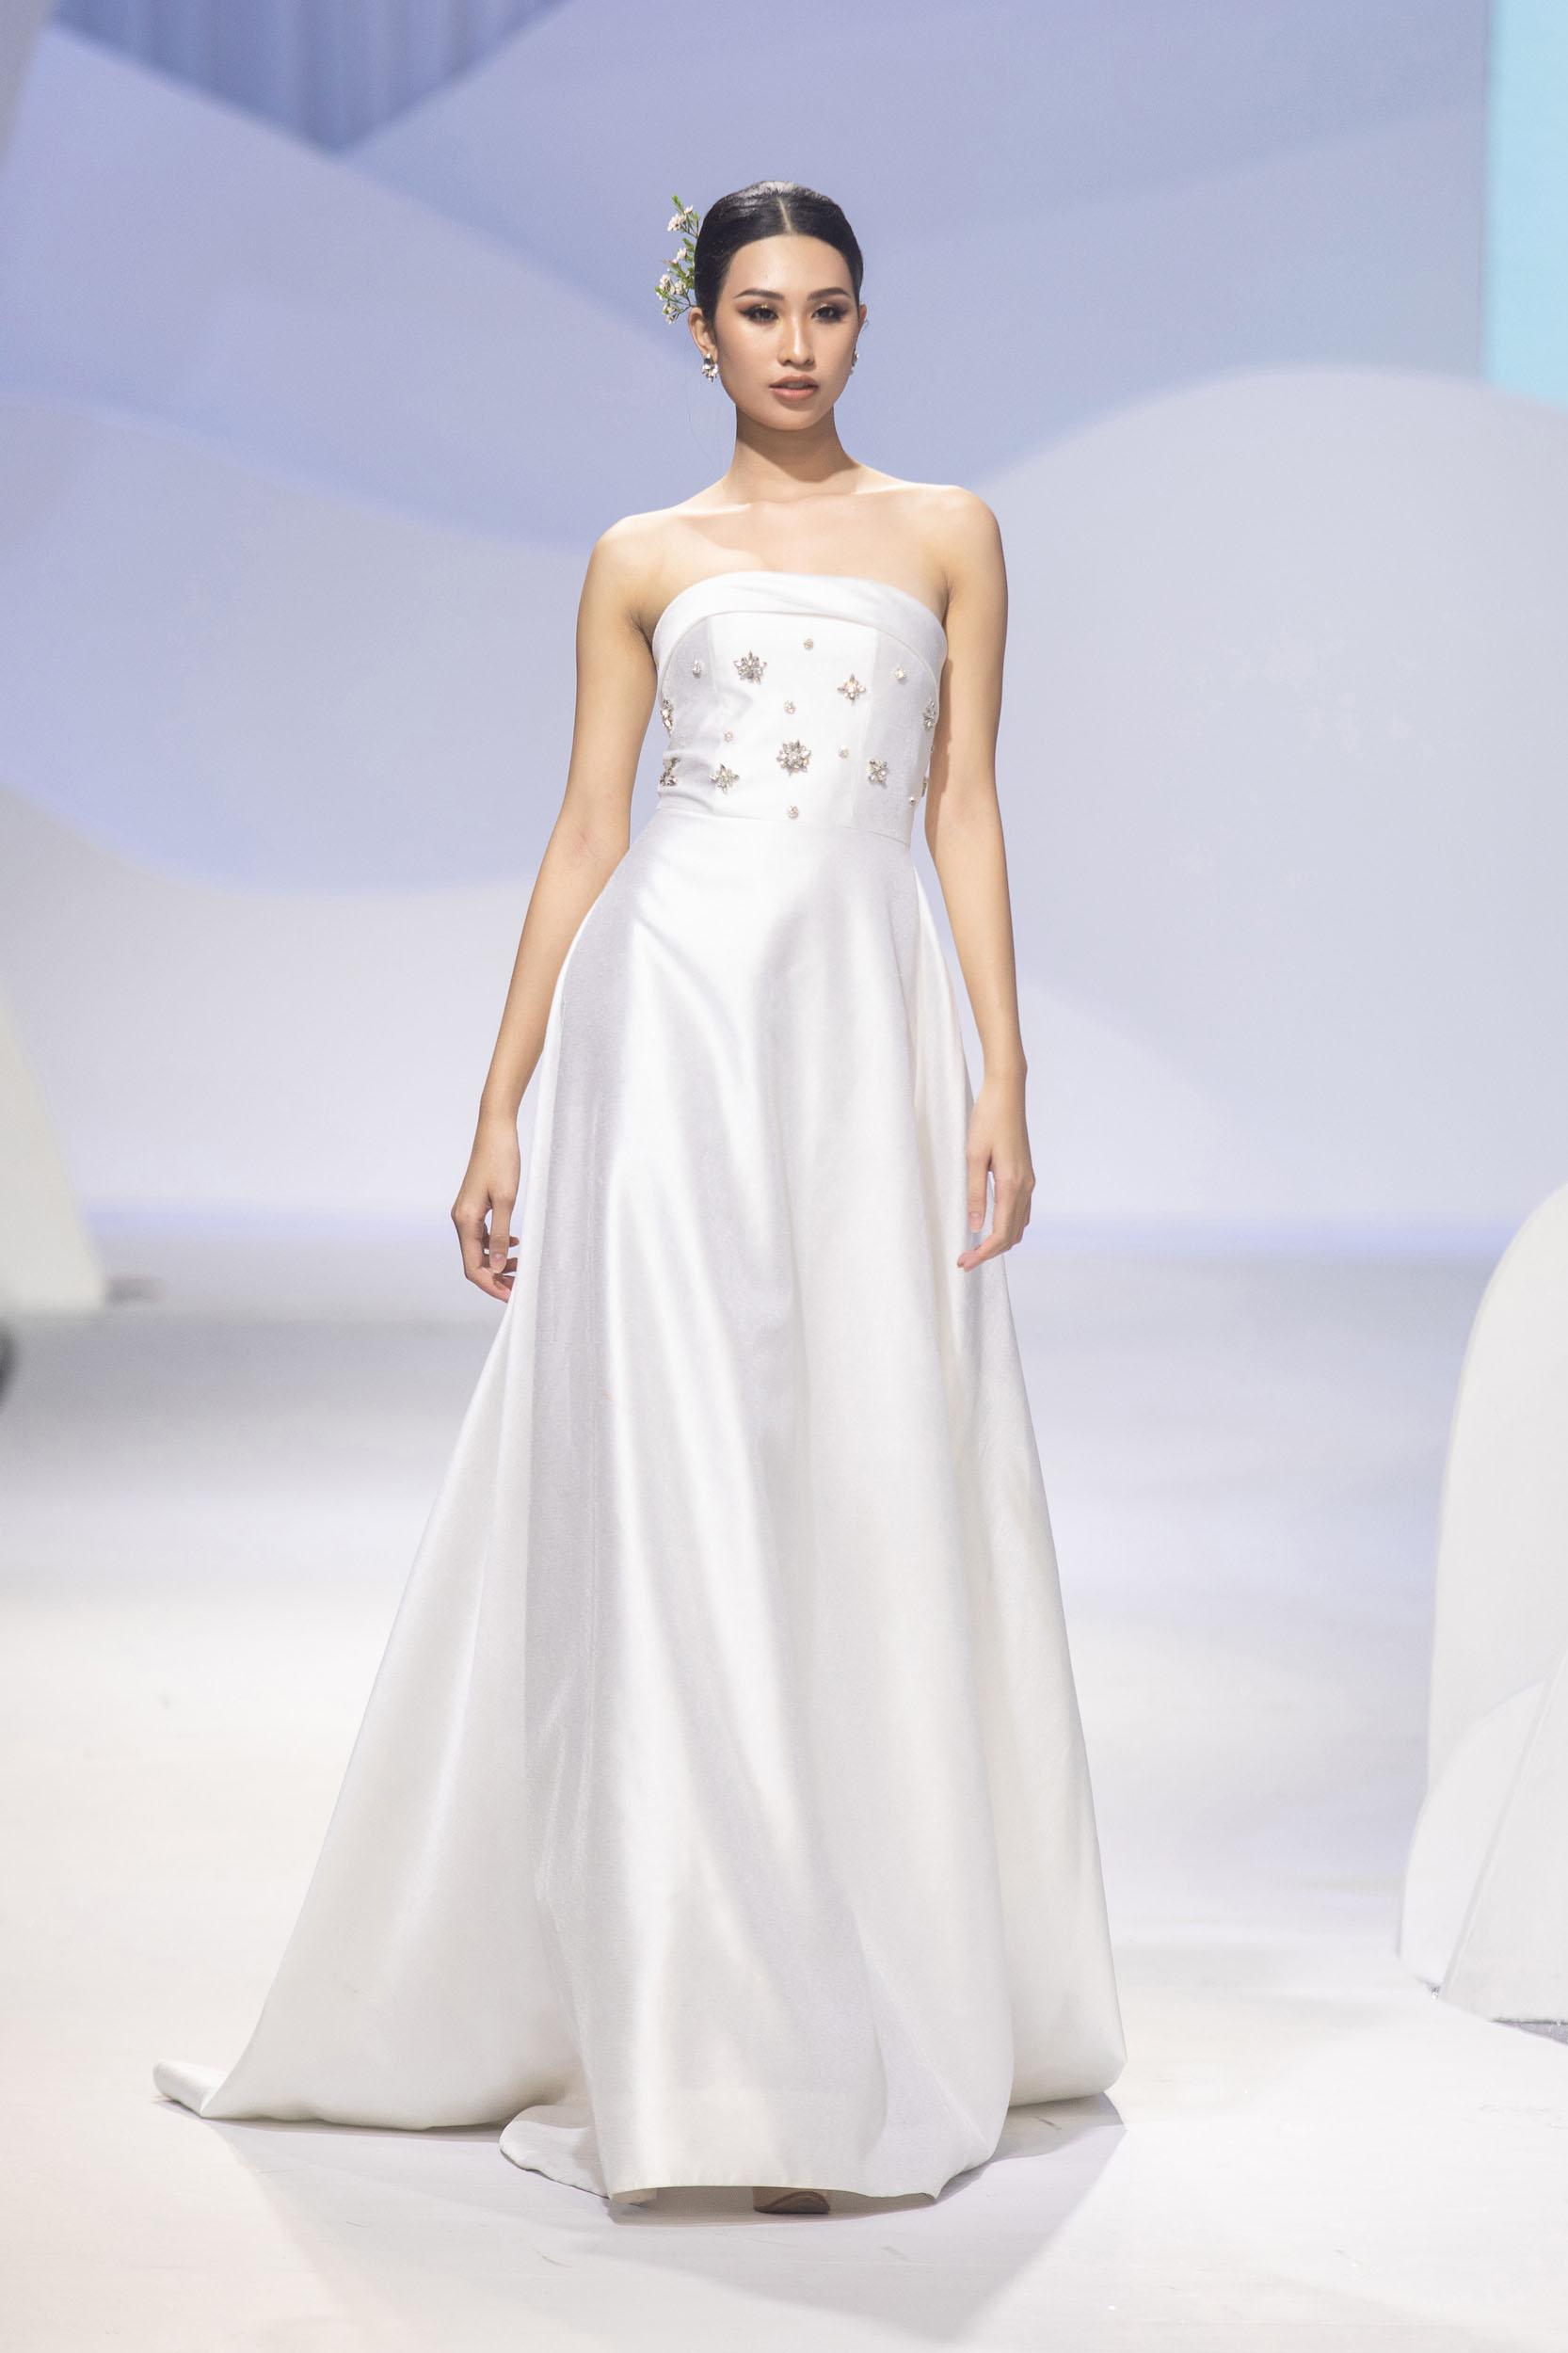 BST Decos Bridal Fall 2020 của NTK Nguyễn Phương đông cùng bộ váy cưới tối giản đính kết hạt